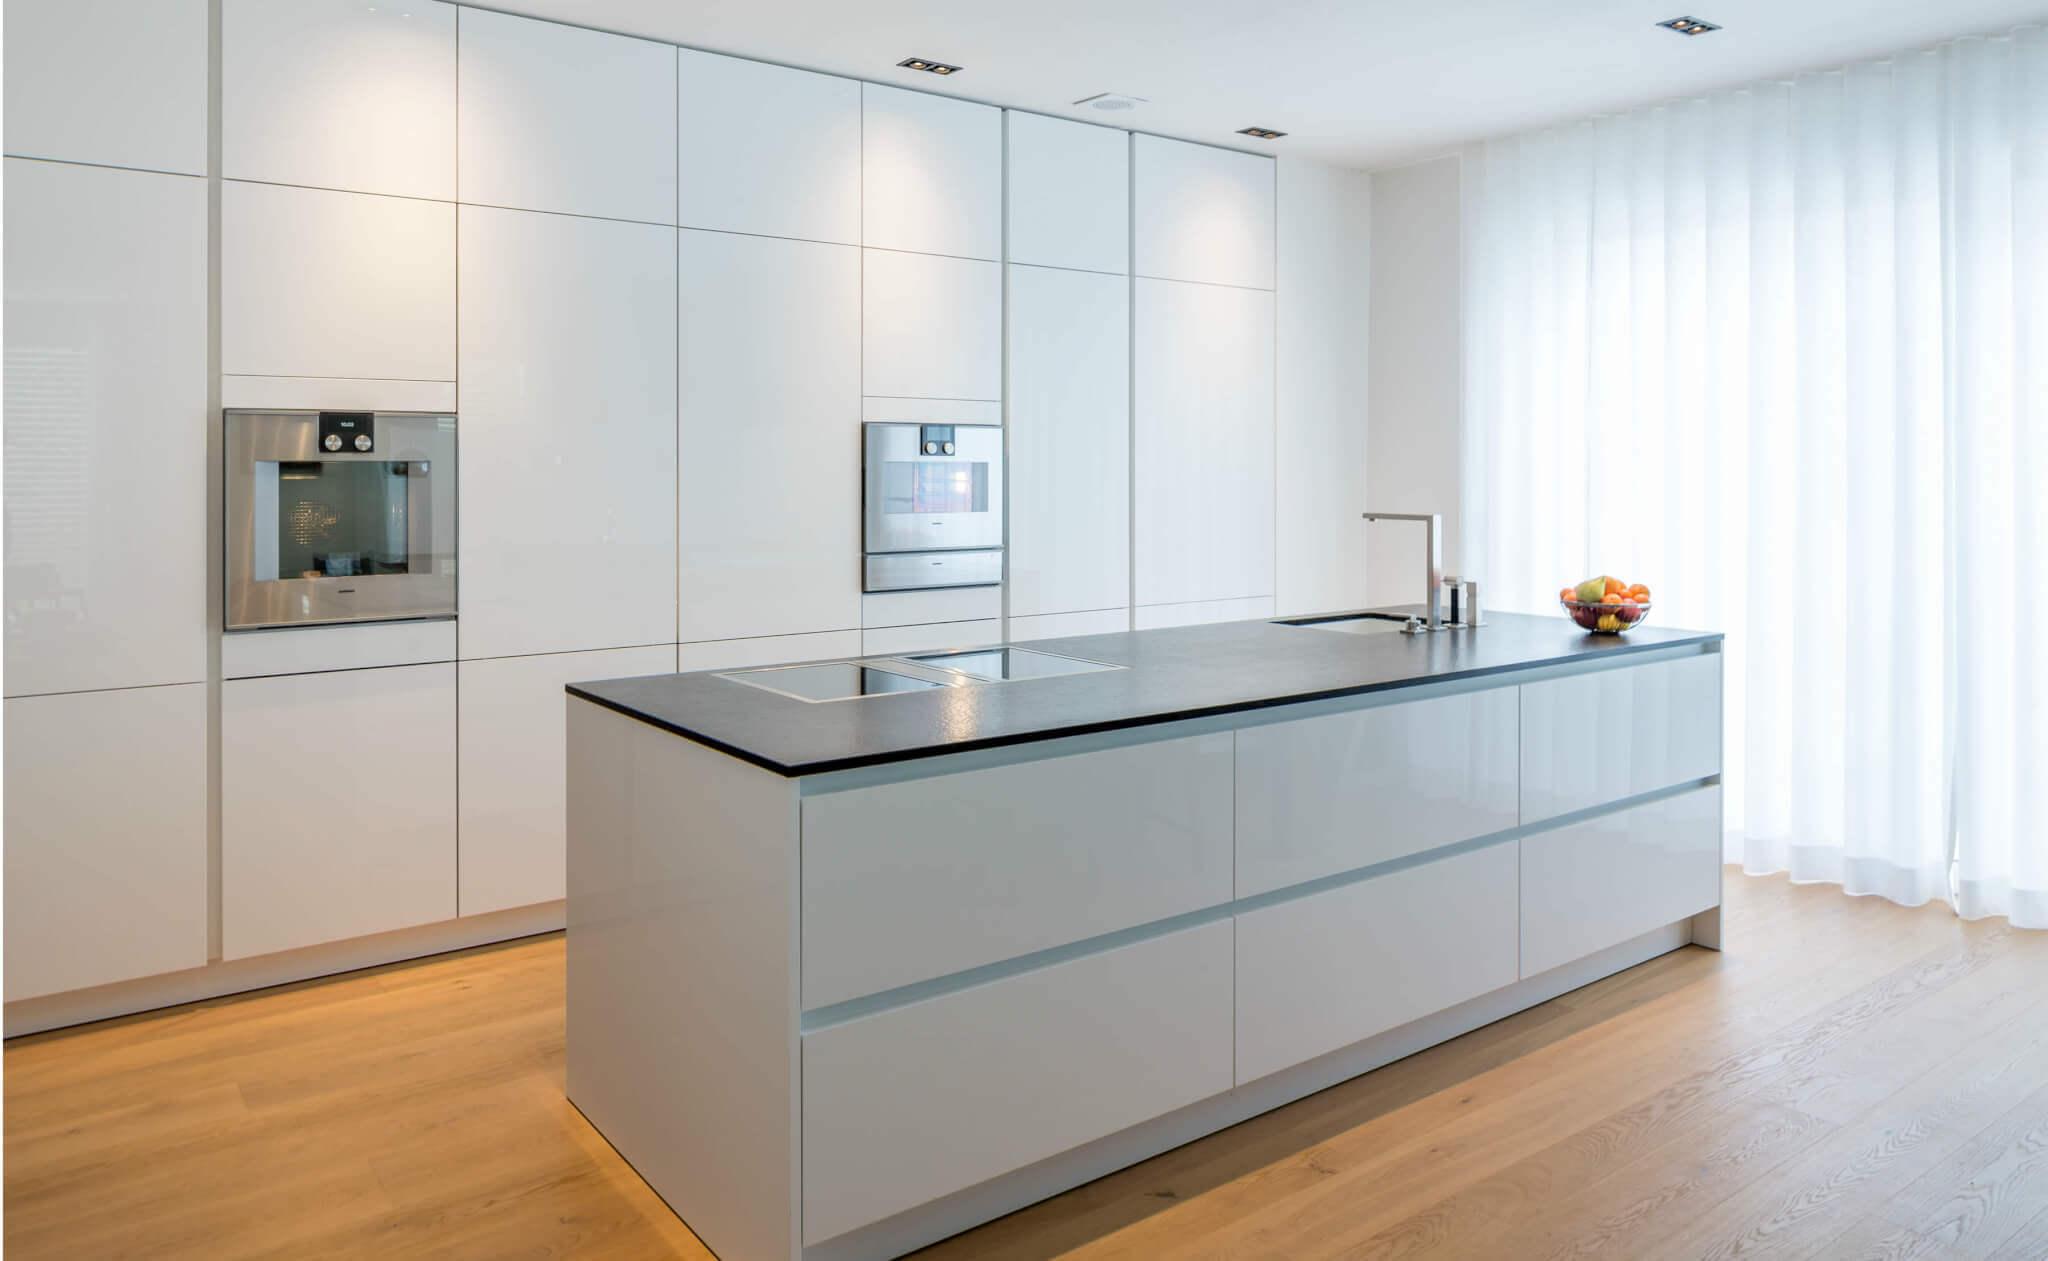 Kuchenboden Parkett Oder Fliesen In Der Kuche Materialvergleich Vorteile Und Nachteile Kuchenfinder